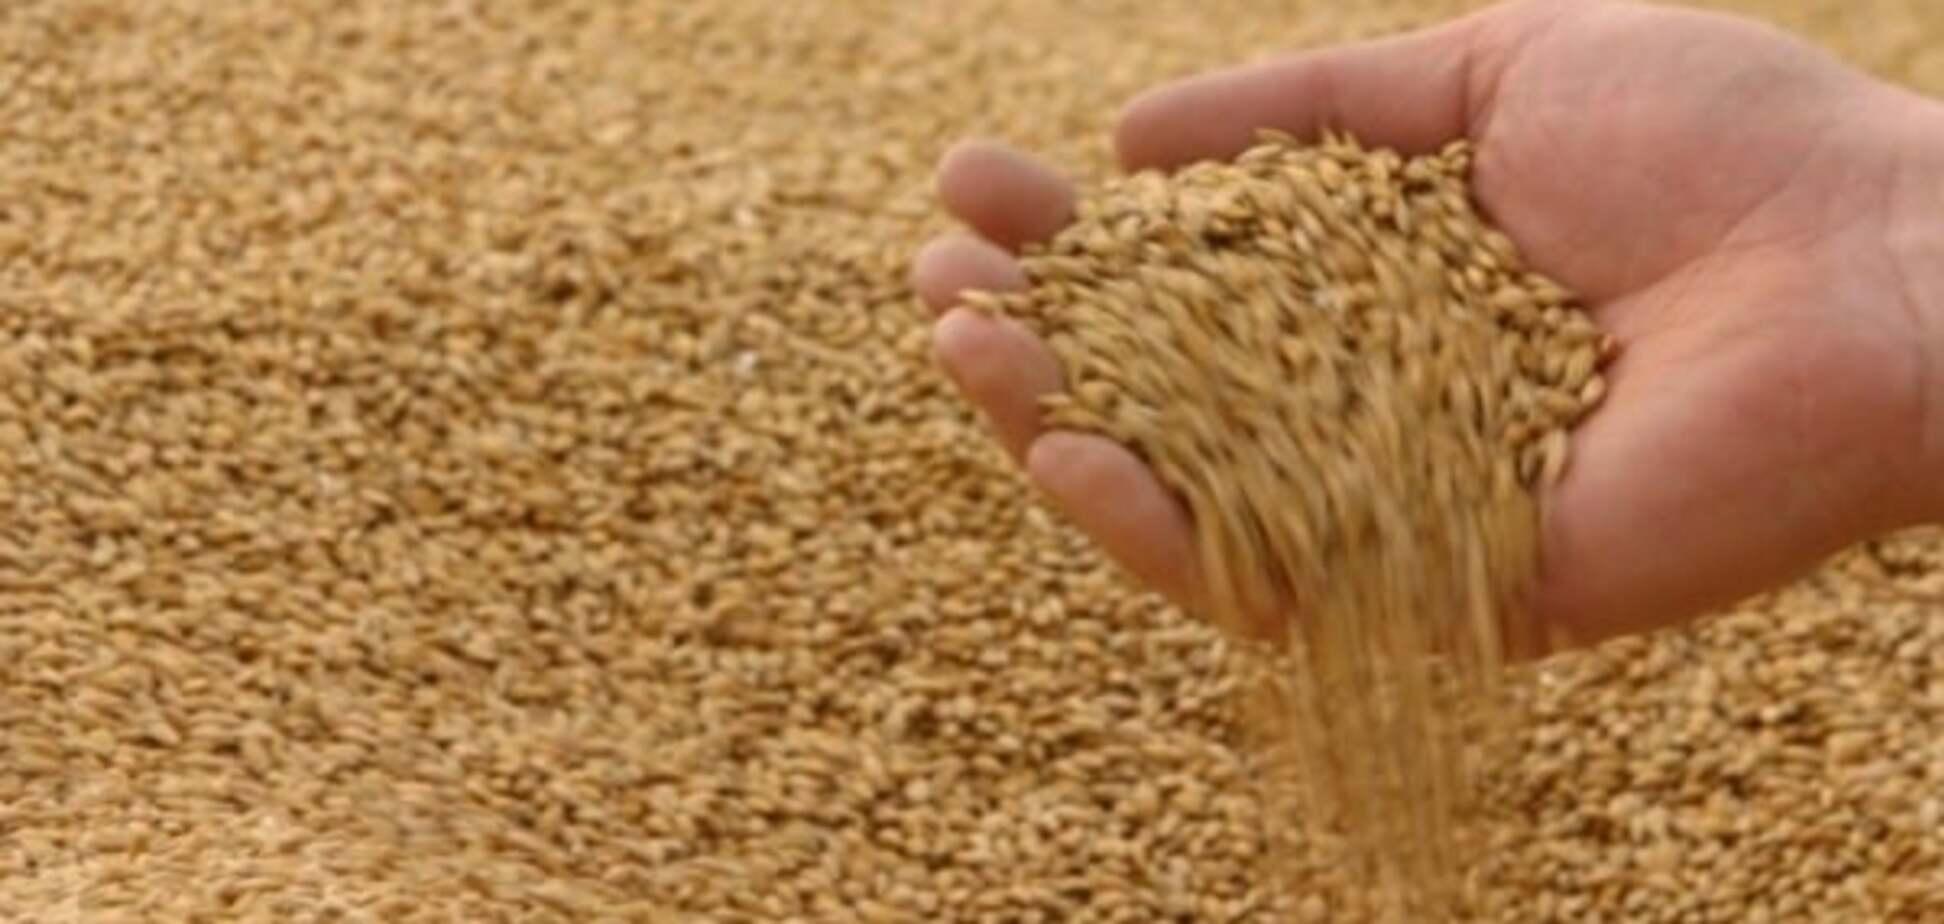 СБУ запобігла аграрній афері на 116 млн гривень